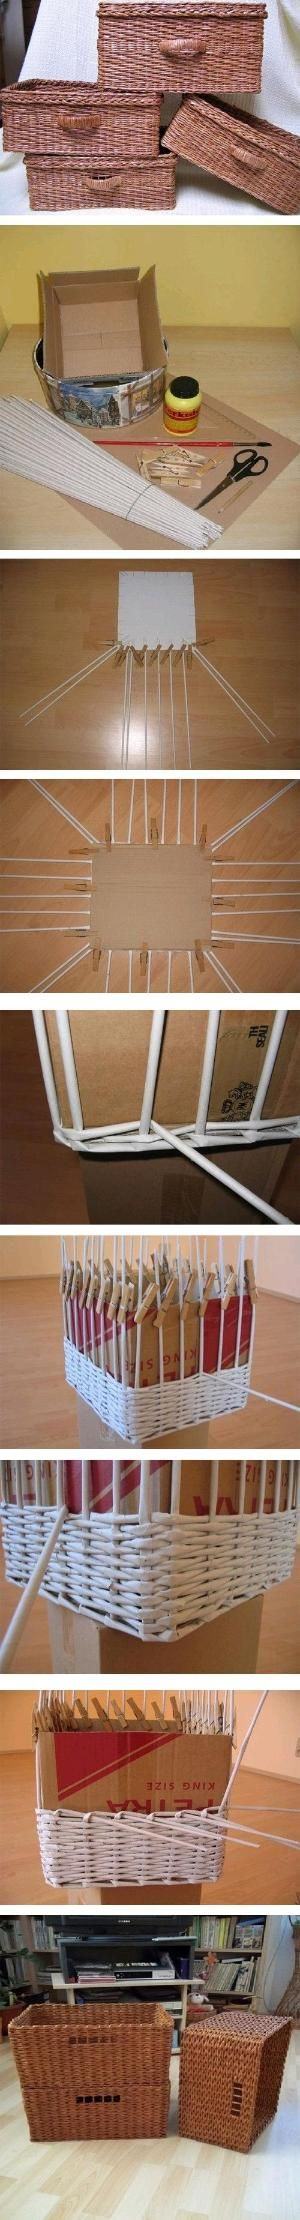 DIY Newspaper Weave Basket by aline